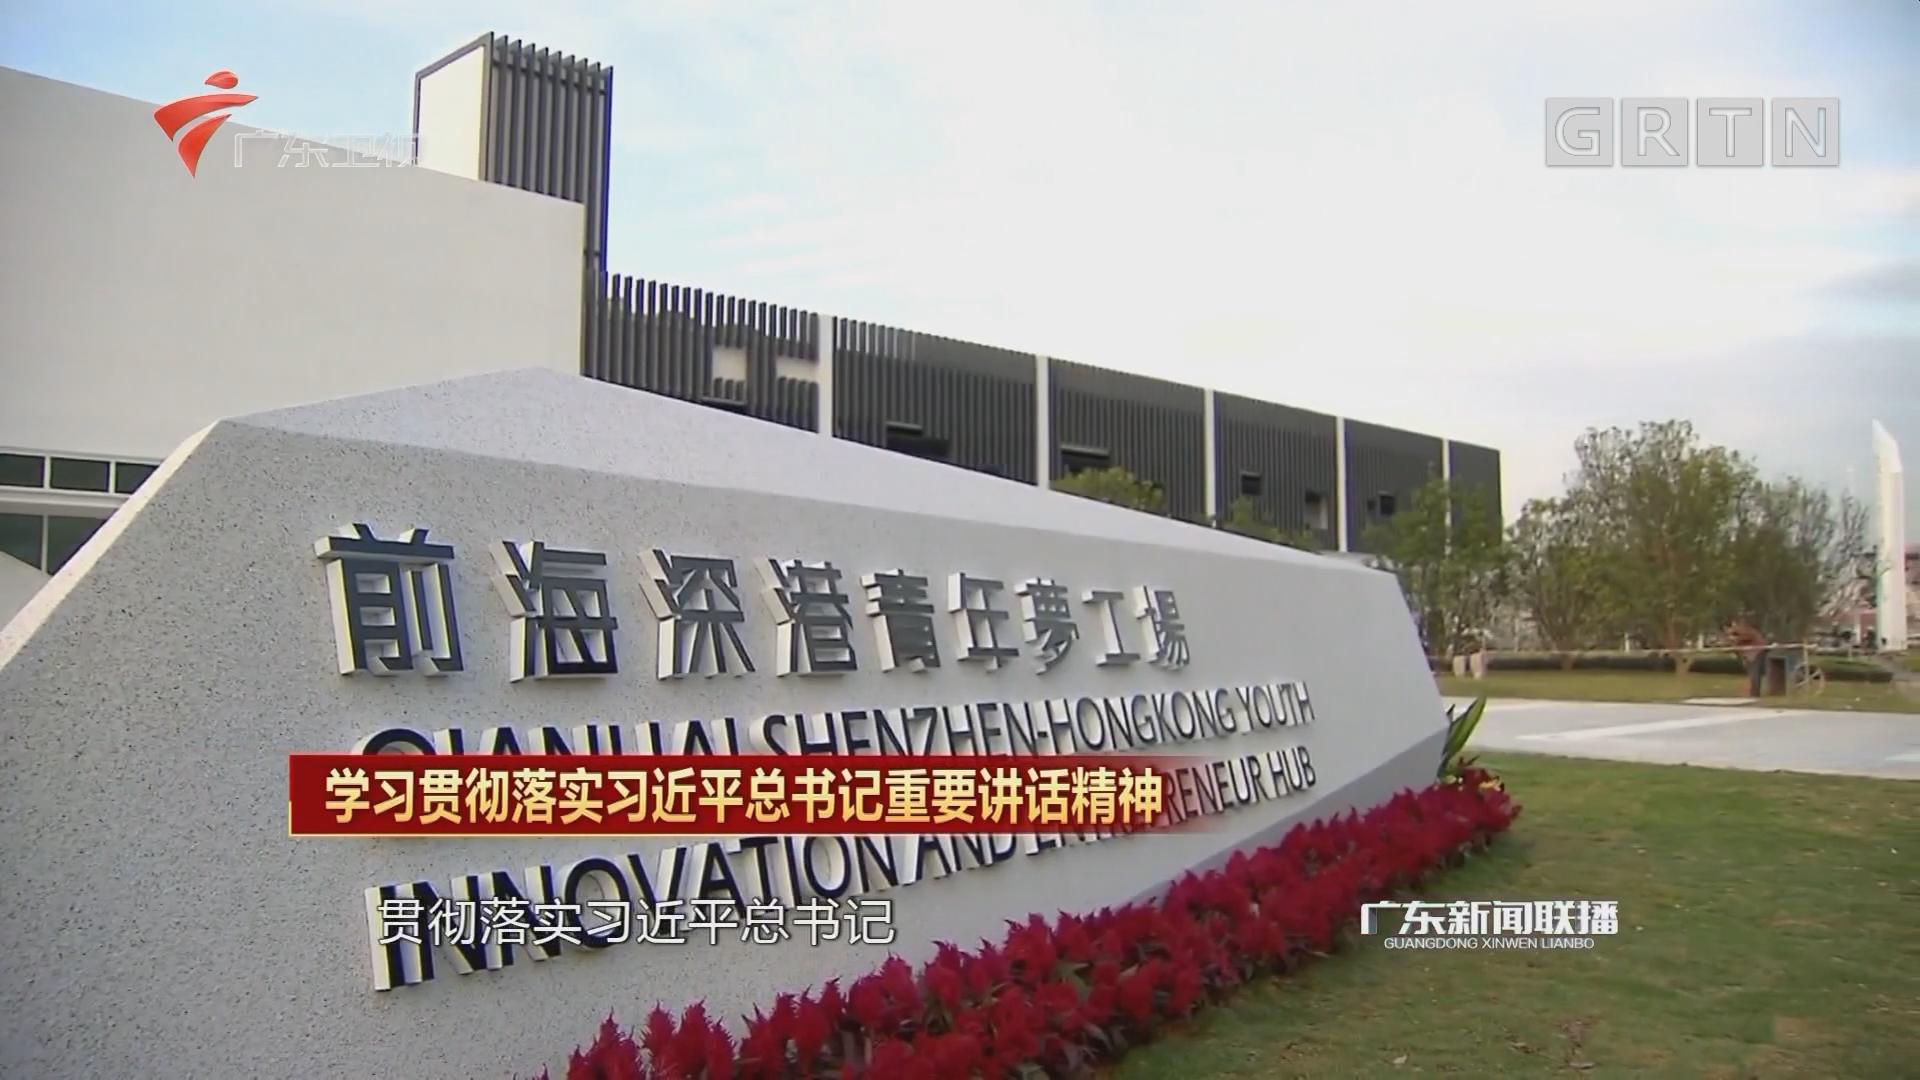 习近平总书记在庆祝海南建省办经济特区30周年大会上的重要讲话 在深圳珠海汕头经济特区党员干部中引起强烈反响